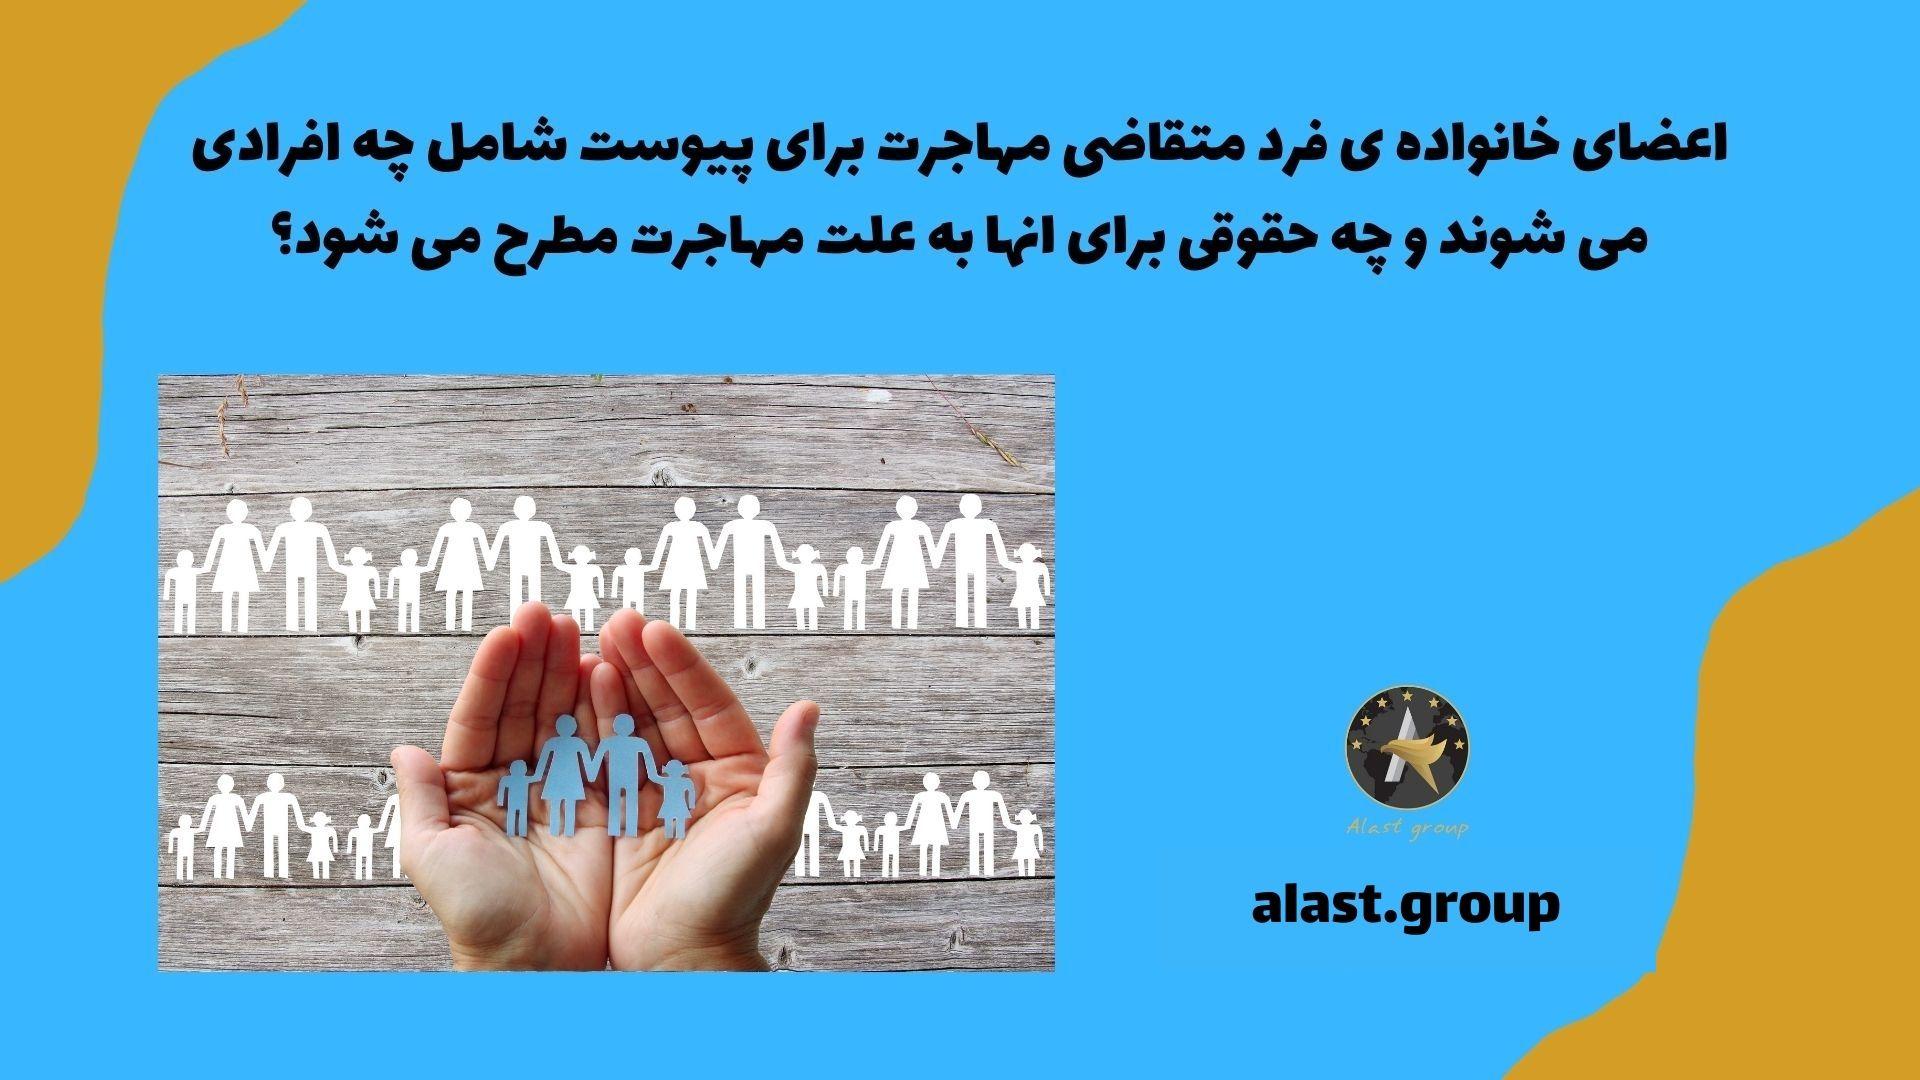 اعضای خانواده ی فرد متقاضی مهاجرت برای پیوست شامل چه افرادی می شوند و چه حقوقی برای آن ها به علت مهاجرت مطرح می شود؟